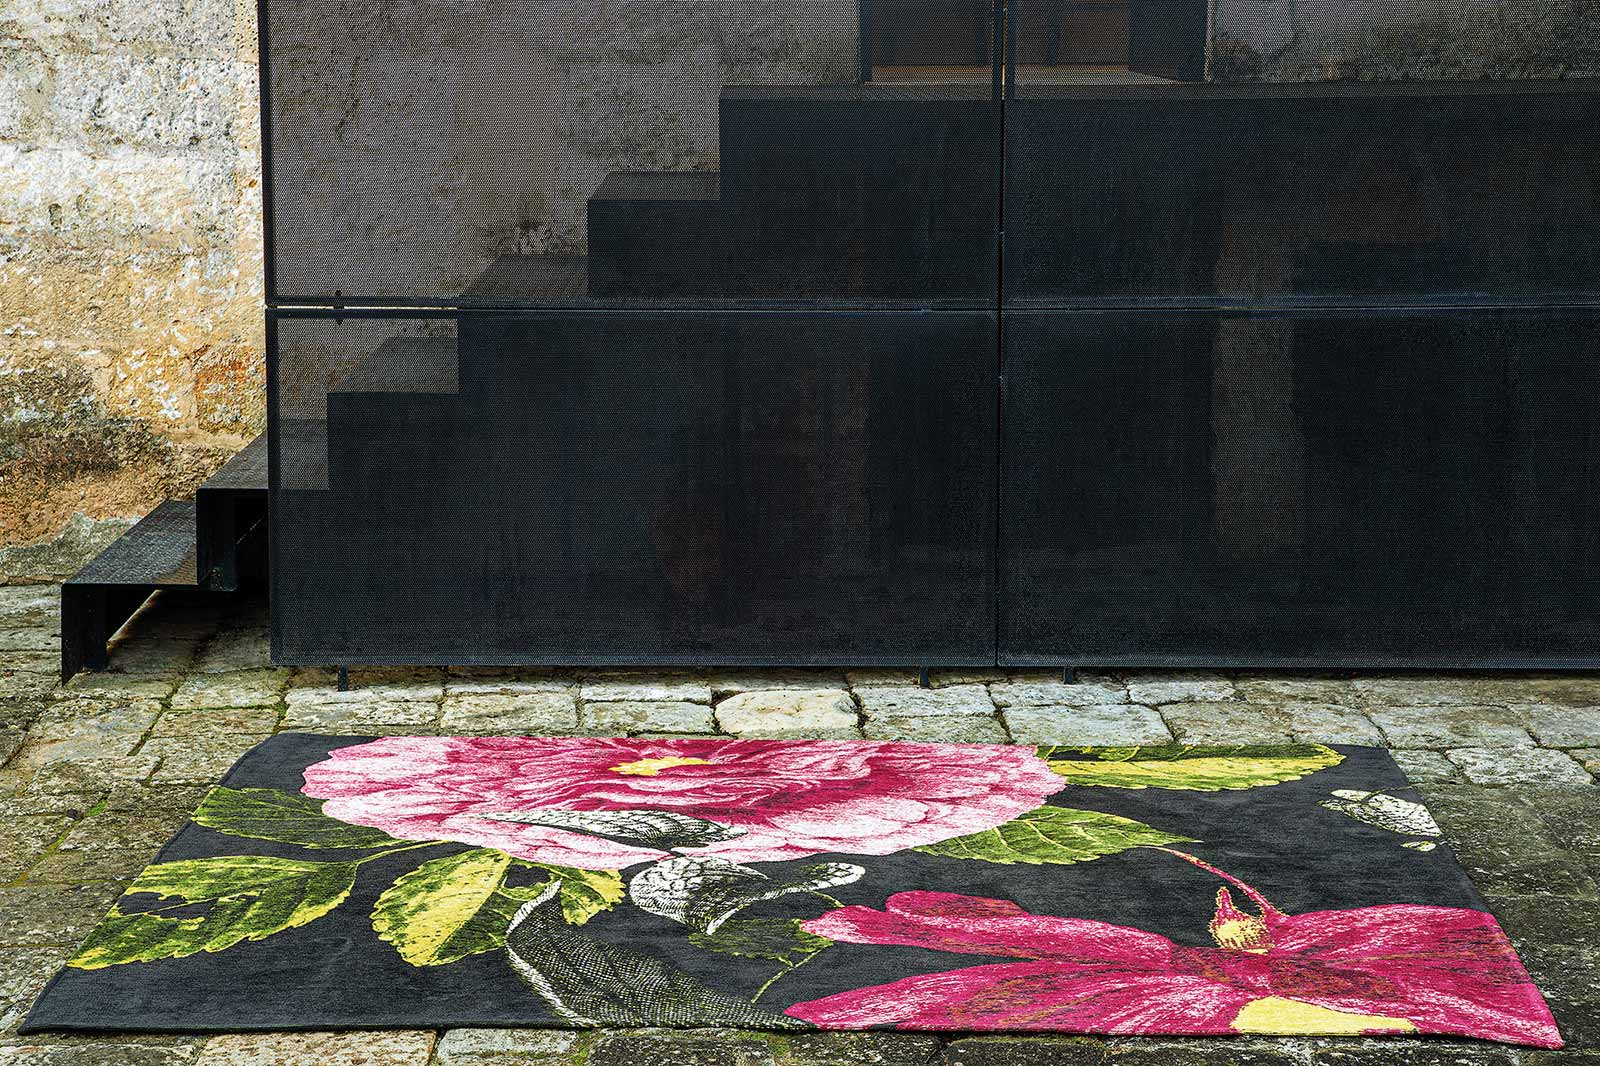 Louis De Poortere rug Fischbacher Interfloral 9051 interior 2